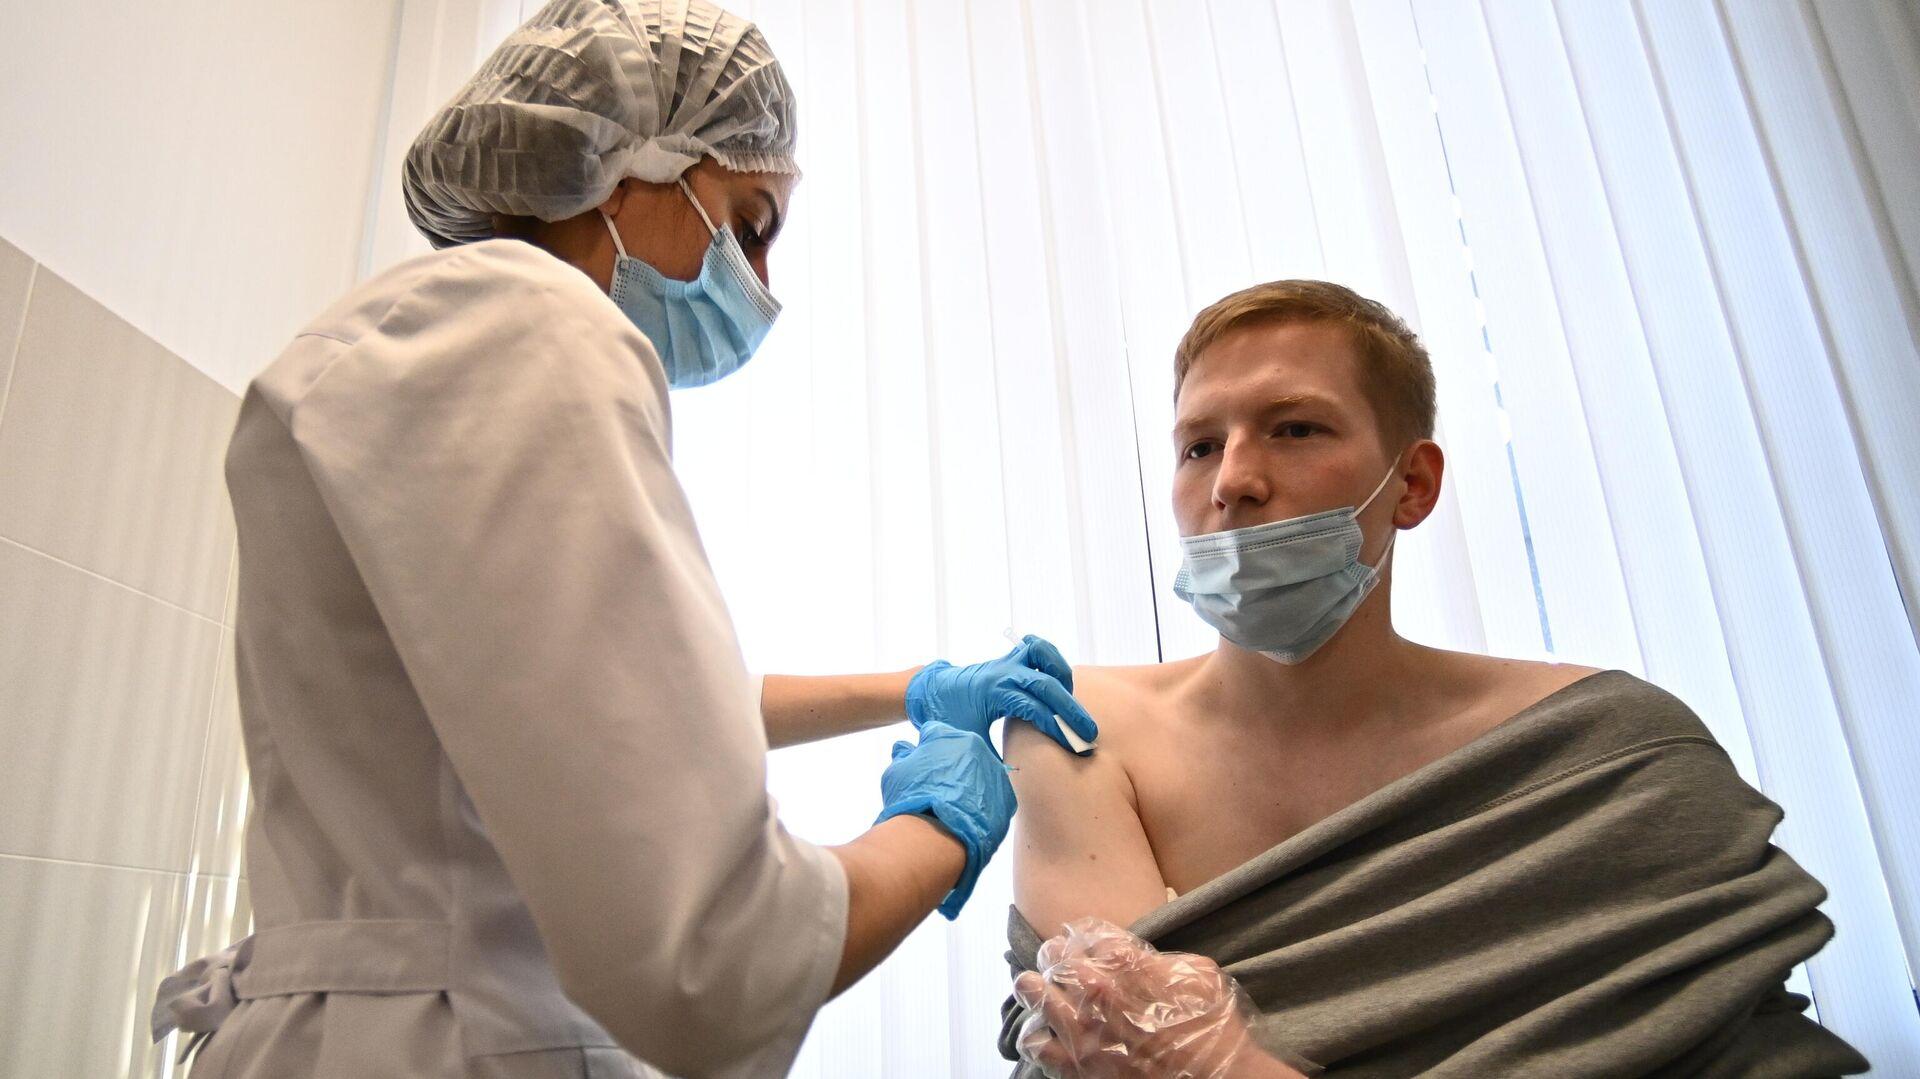 Мужчина во время вакцинации от COVID-19 в центре госуслуг Мои документы в Москве - РИА Новости, 1920, 14.04.2021